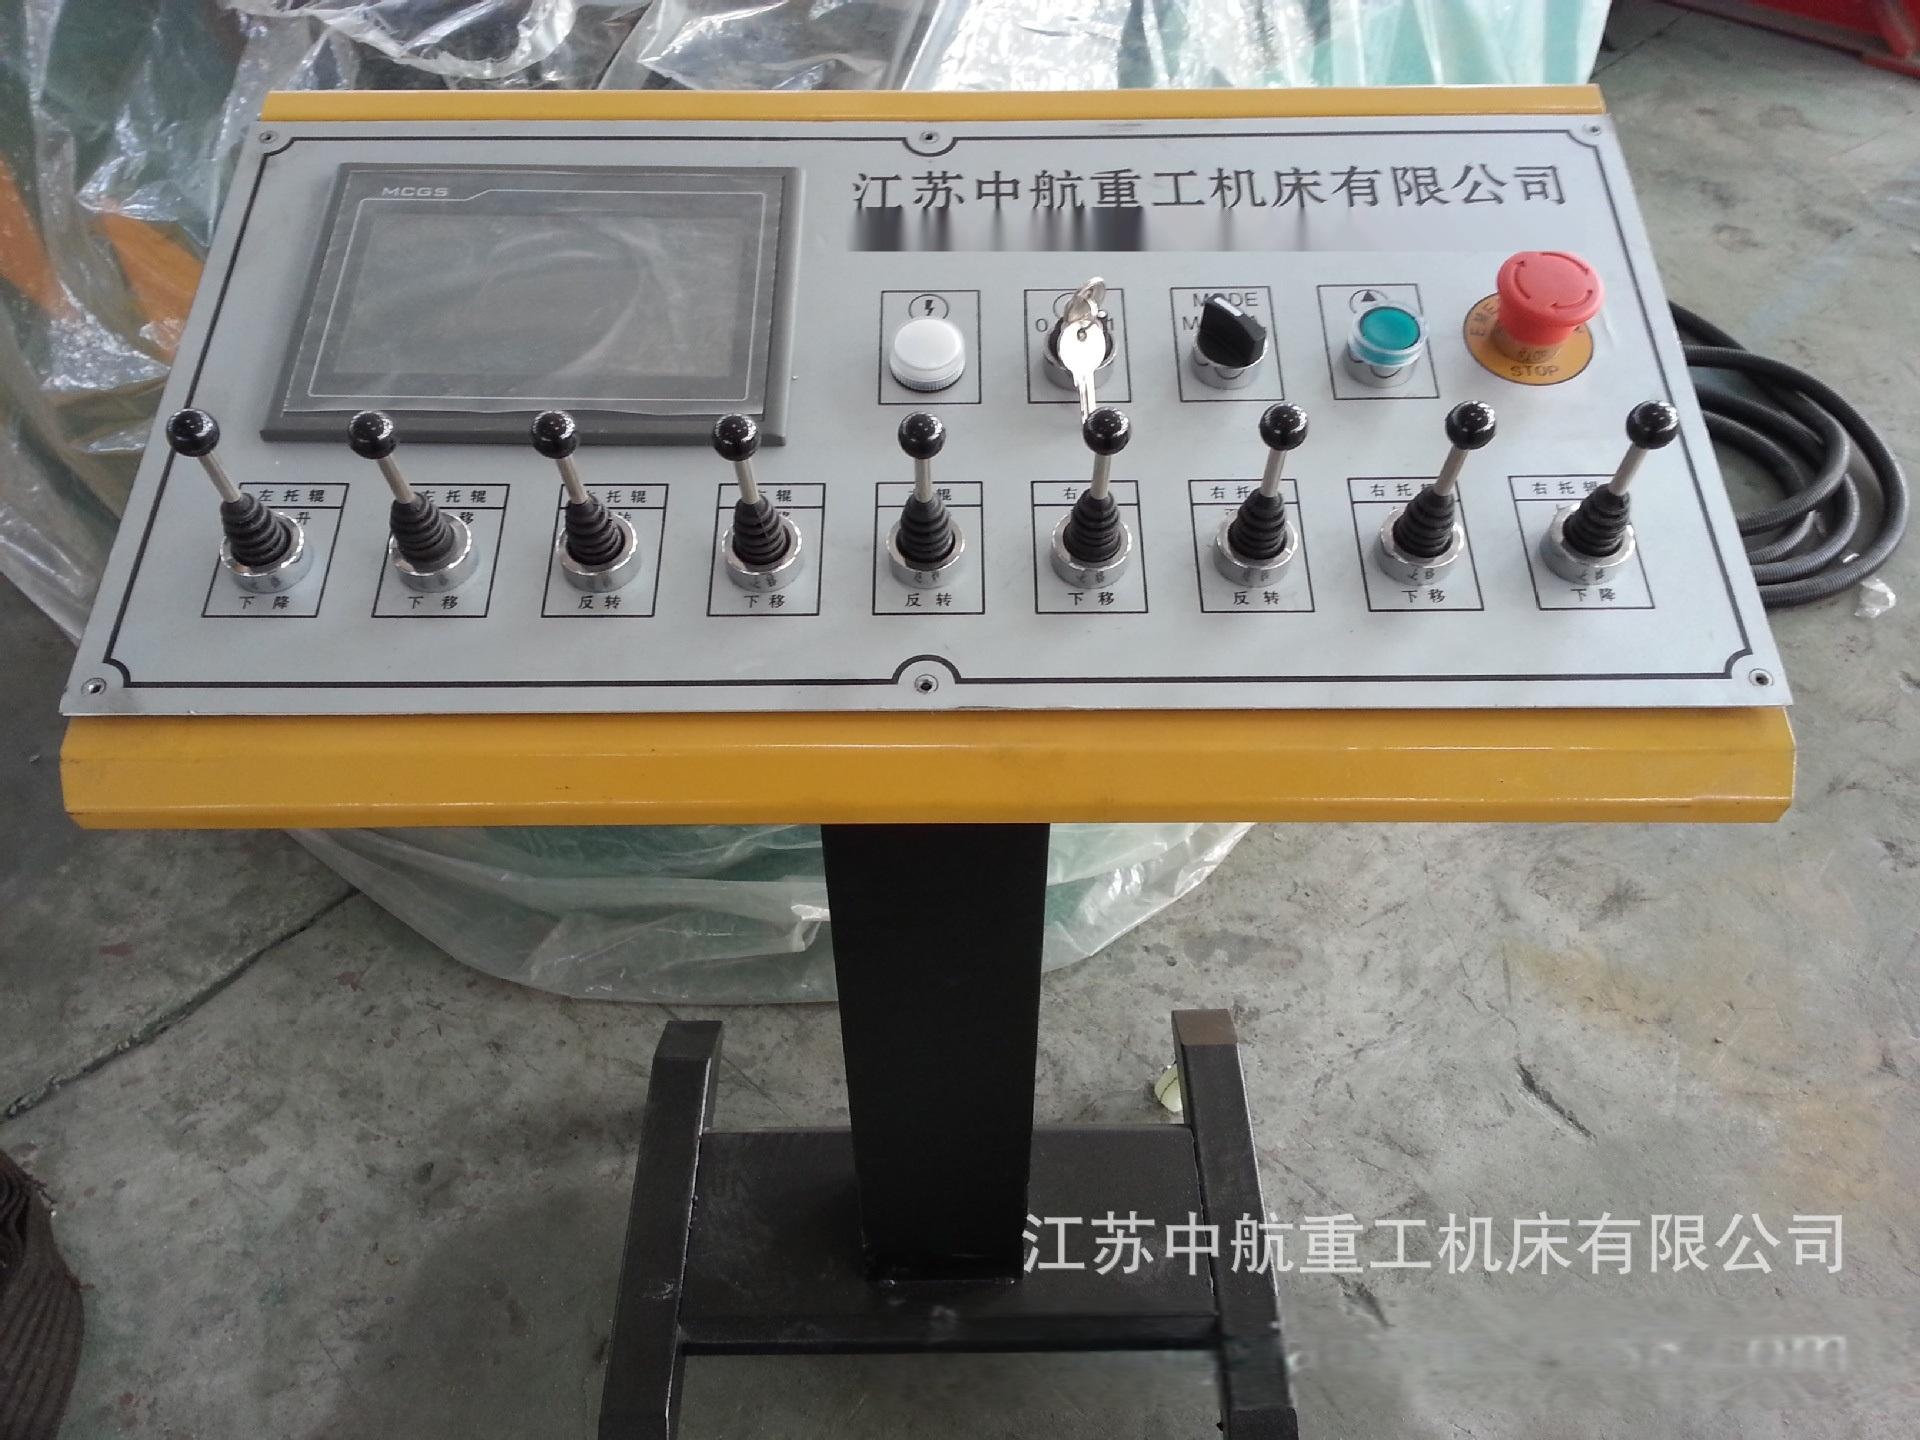 電器控制箱、PLC觸摸屏